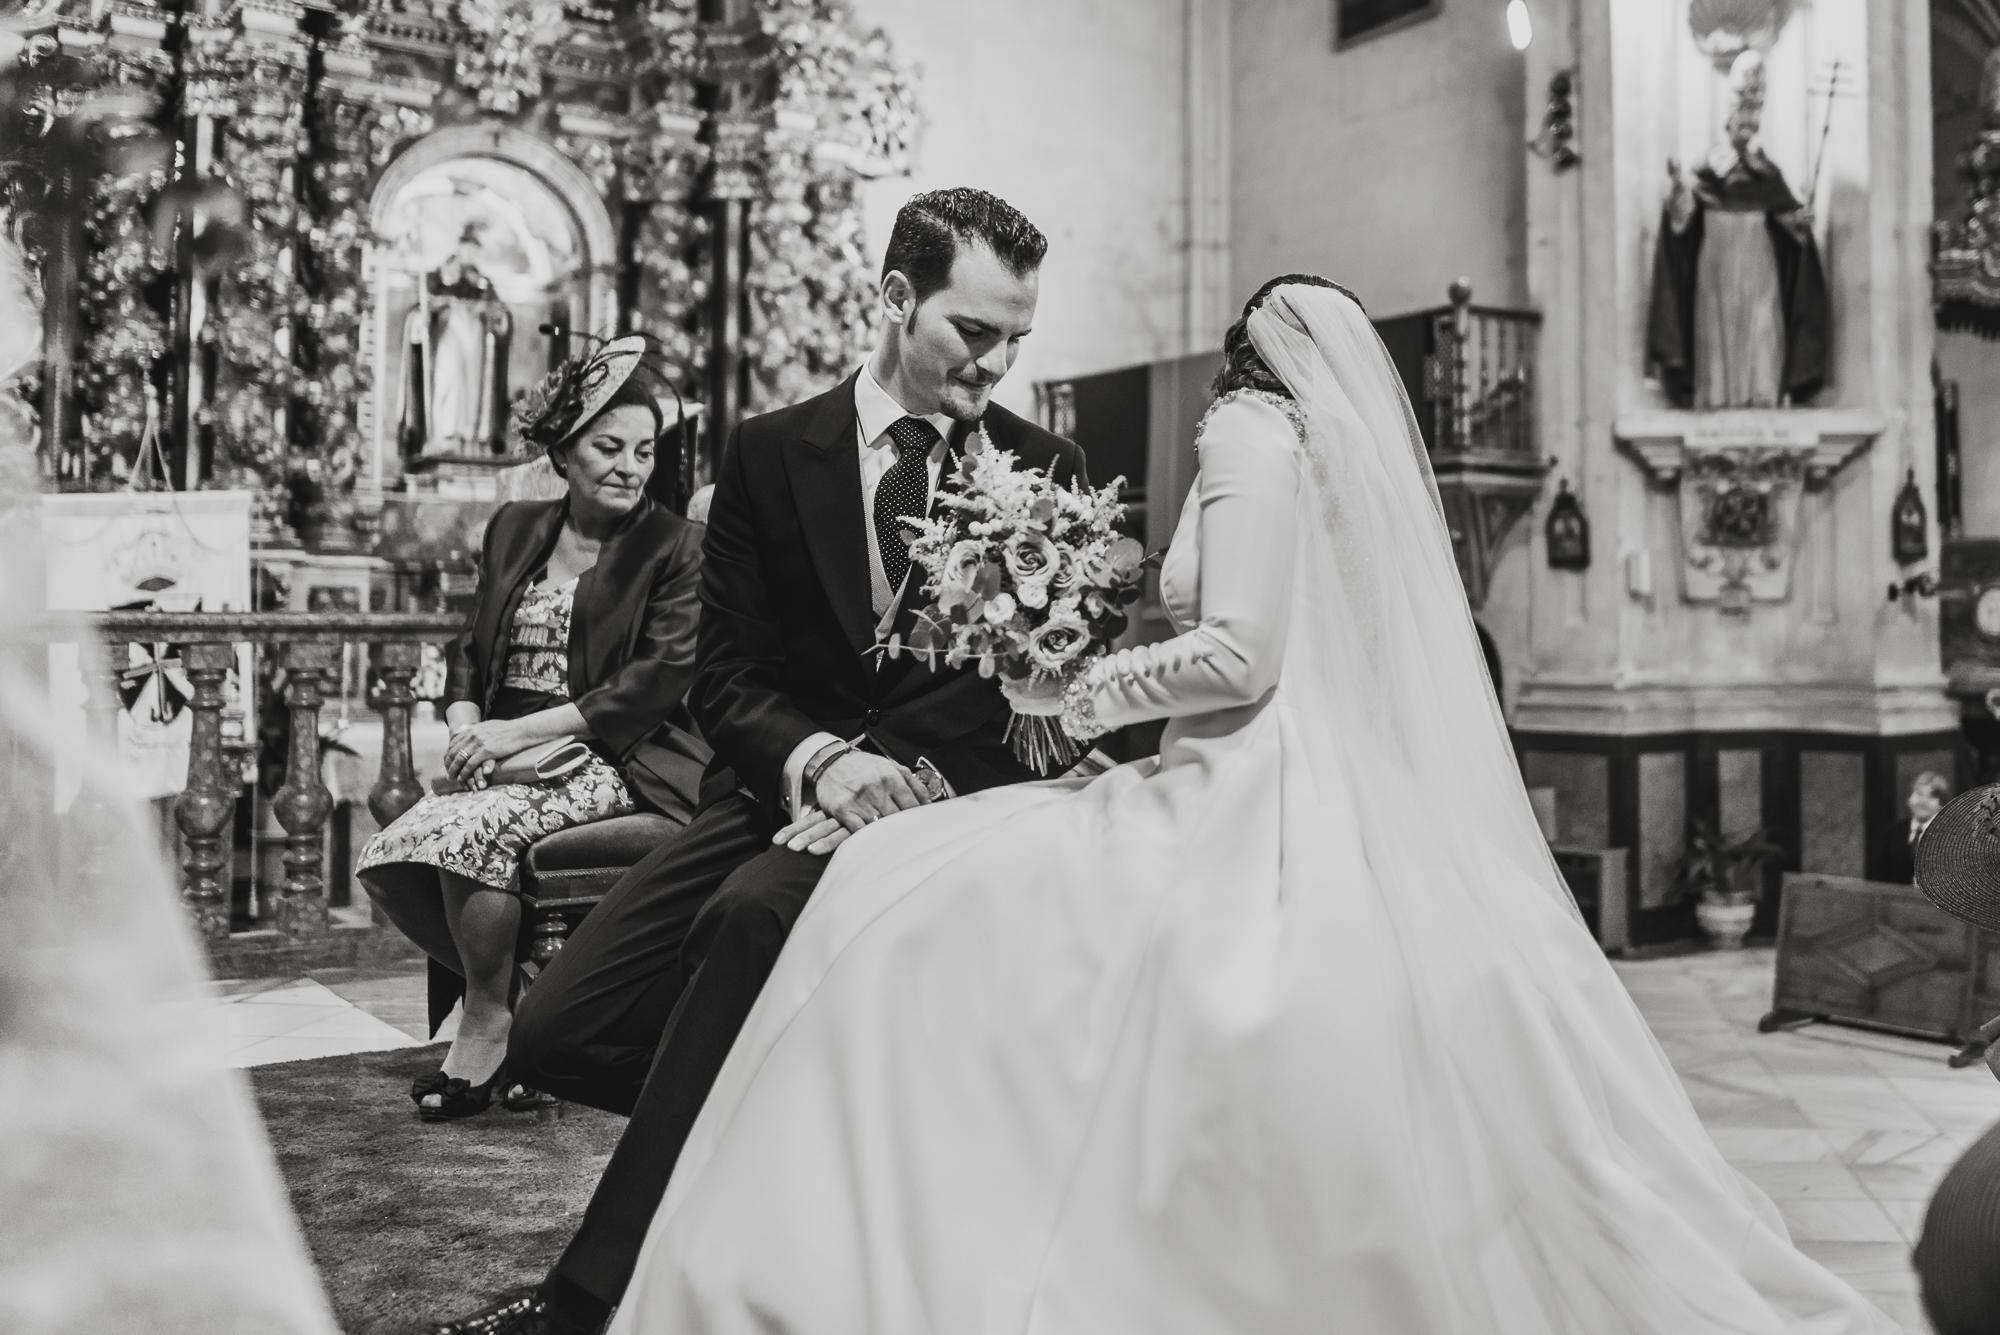 garate-fotografia-de-boda-en-Granada (42)